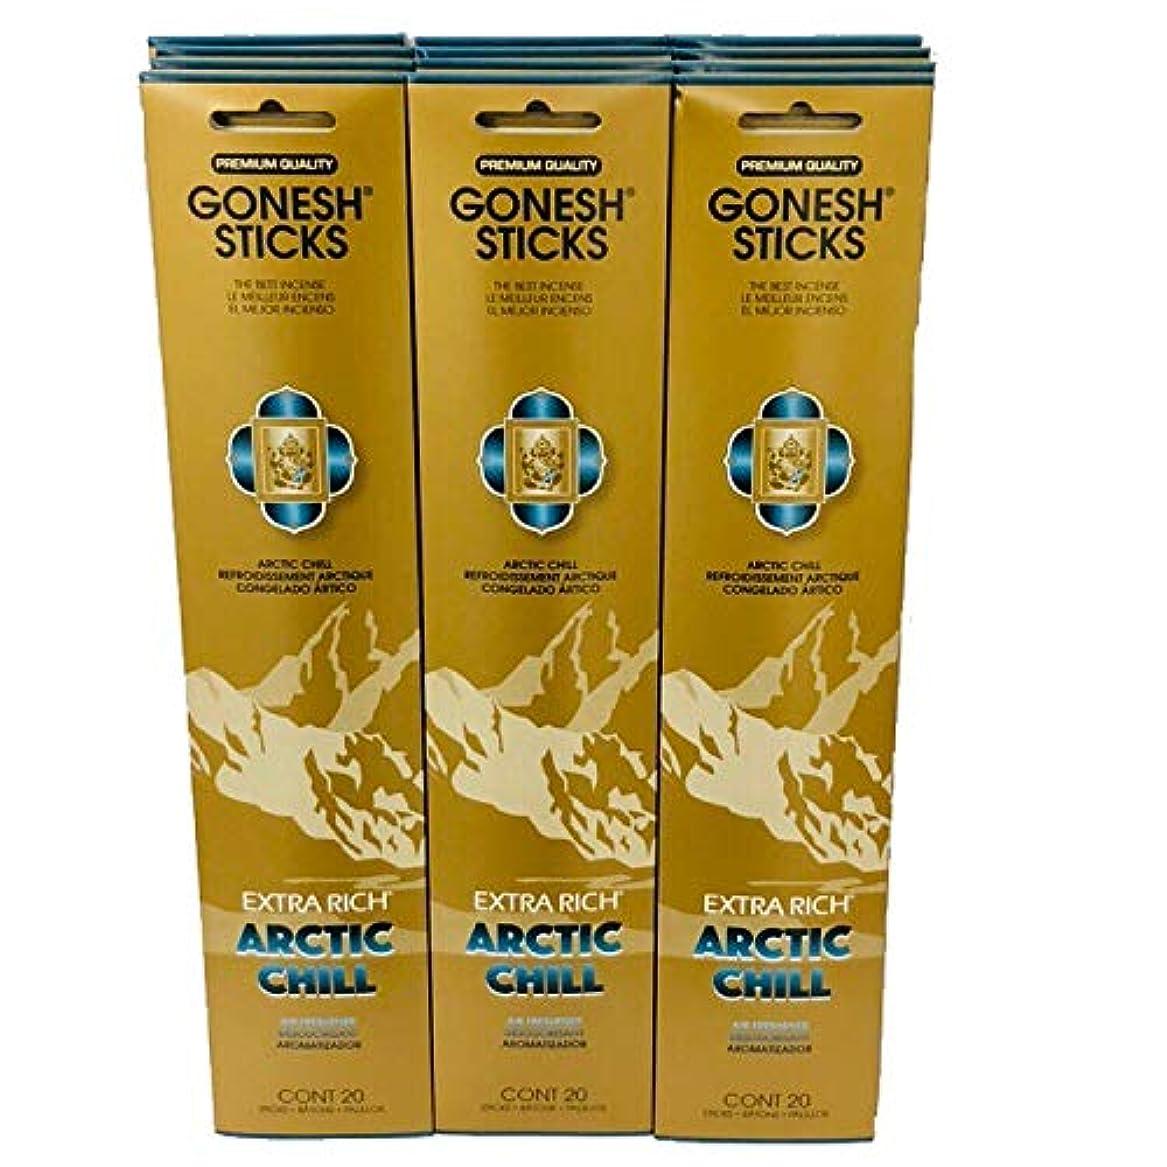 賞賛するグリットポインタGonesh – 12 ARCTIC CHILL PACK ( 240 Sticks ) Incense Sticks Extra Richコレクション